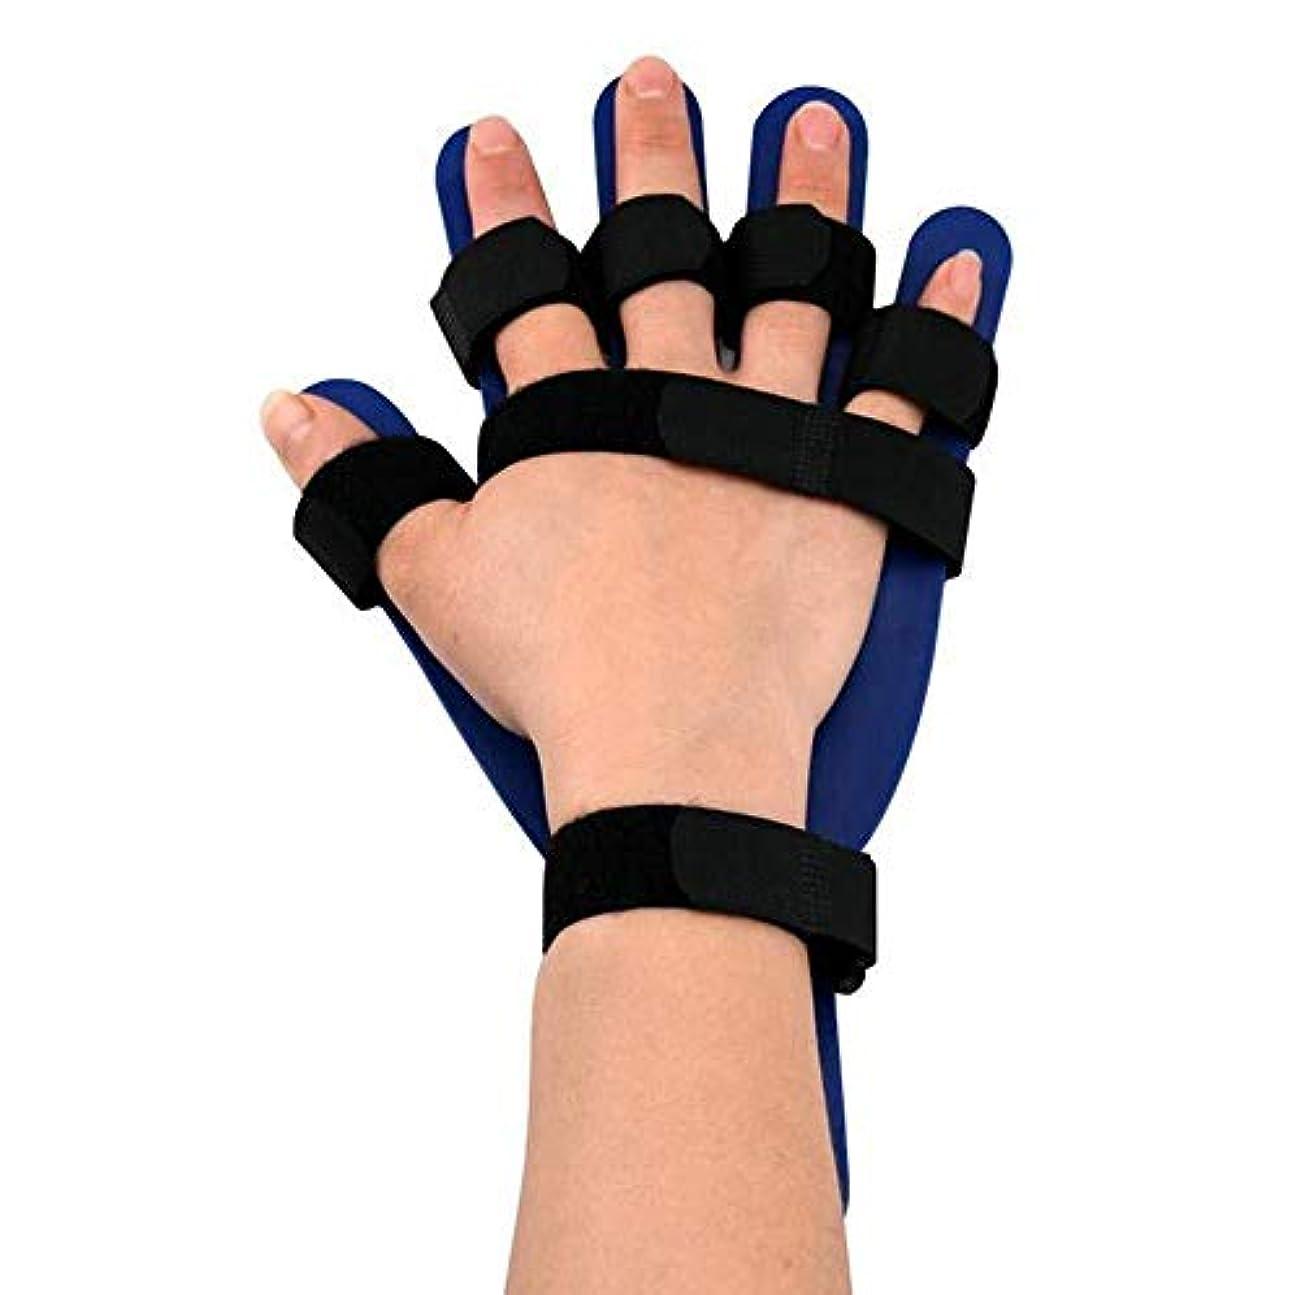 解任操作薬親指サポートトリガーフィンガースプリント、右手首スプリントユニセックスフィンガープレート,Right Hand